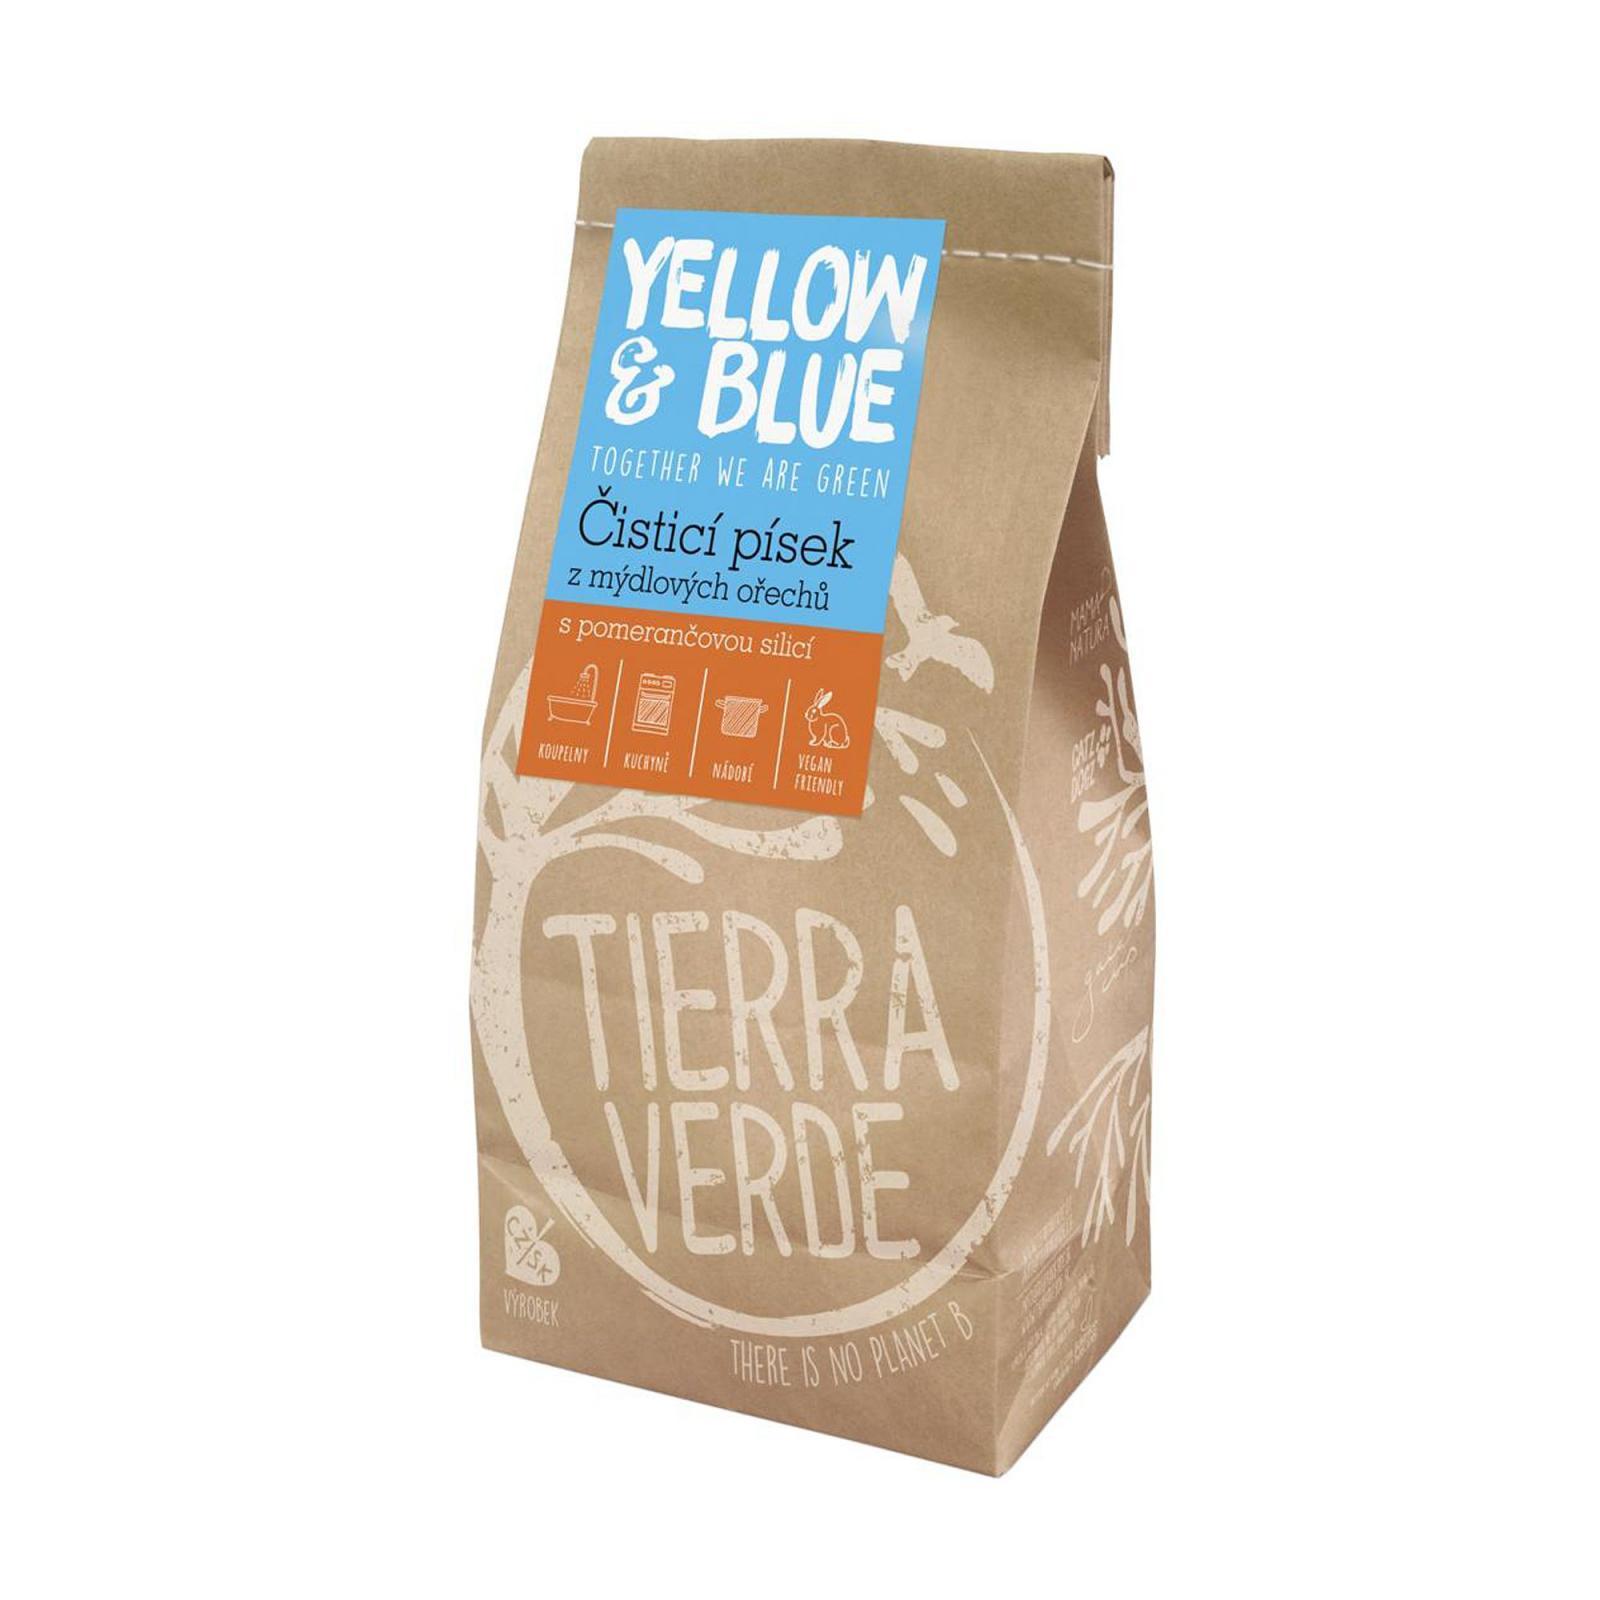 Yellow and Blue Čisticí písek z mýdlových ořechů 1 kg